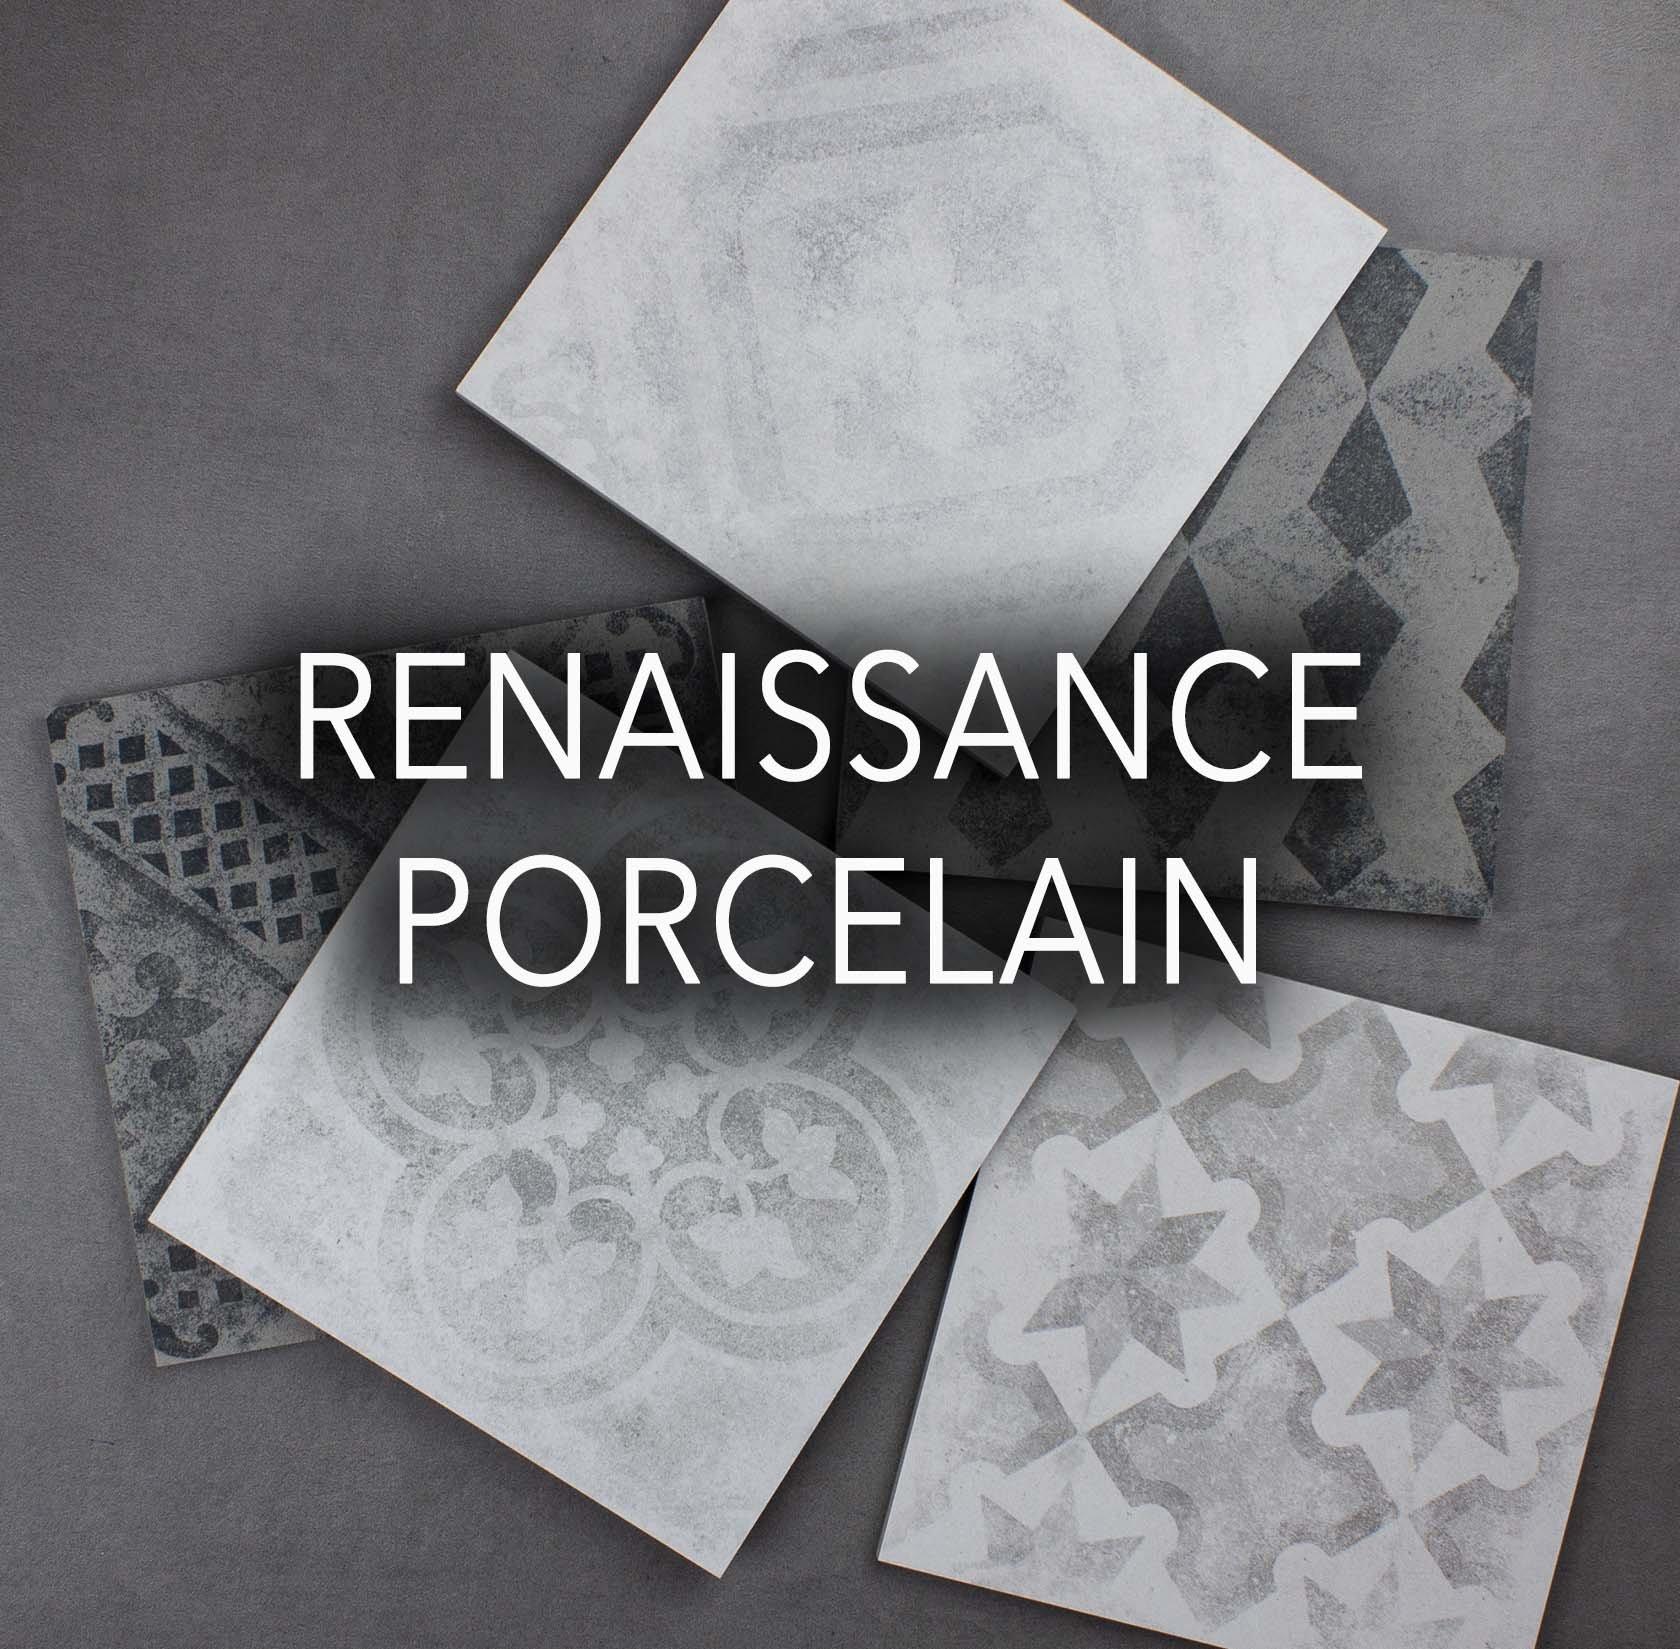 Renaissance Porcelain Tiles